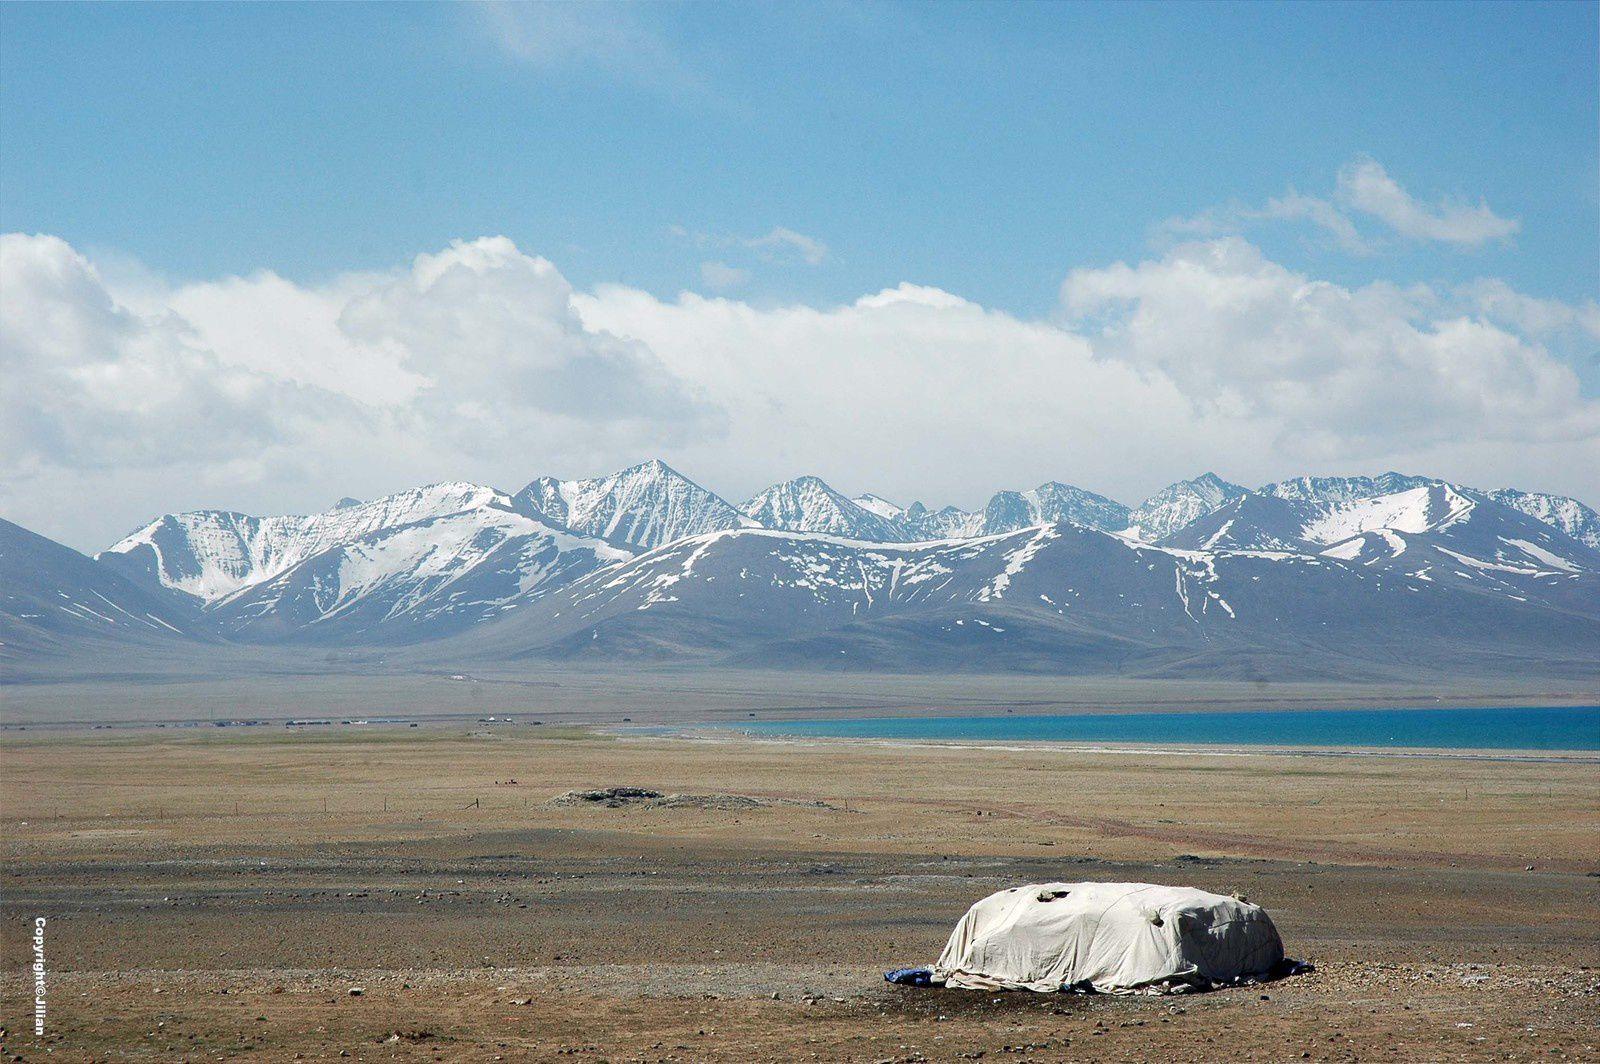 Bouses de yaks séchées, mises à l'abri sous une bâche